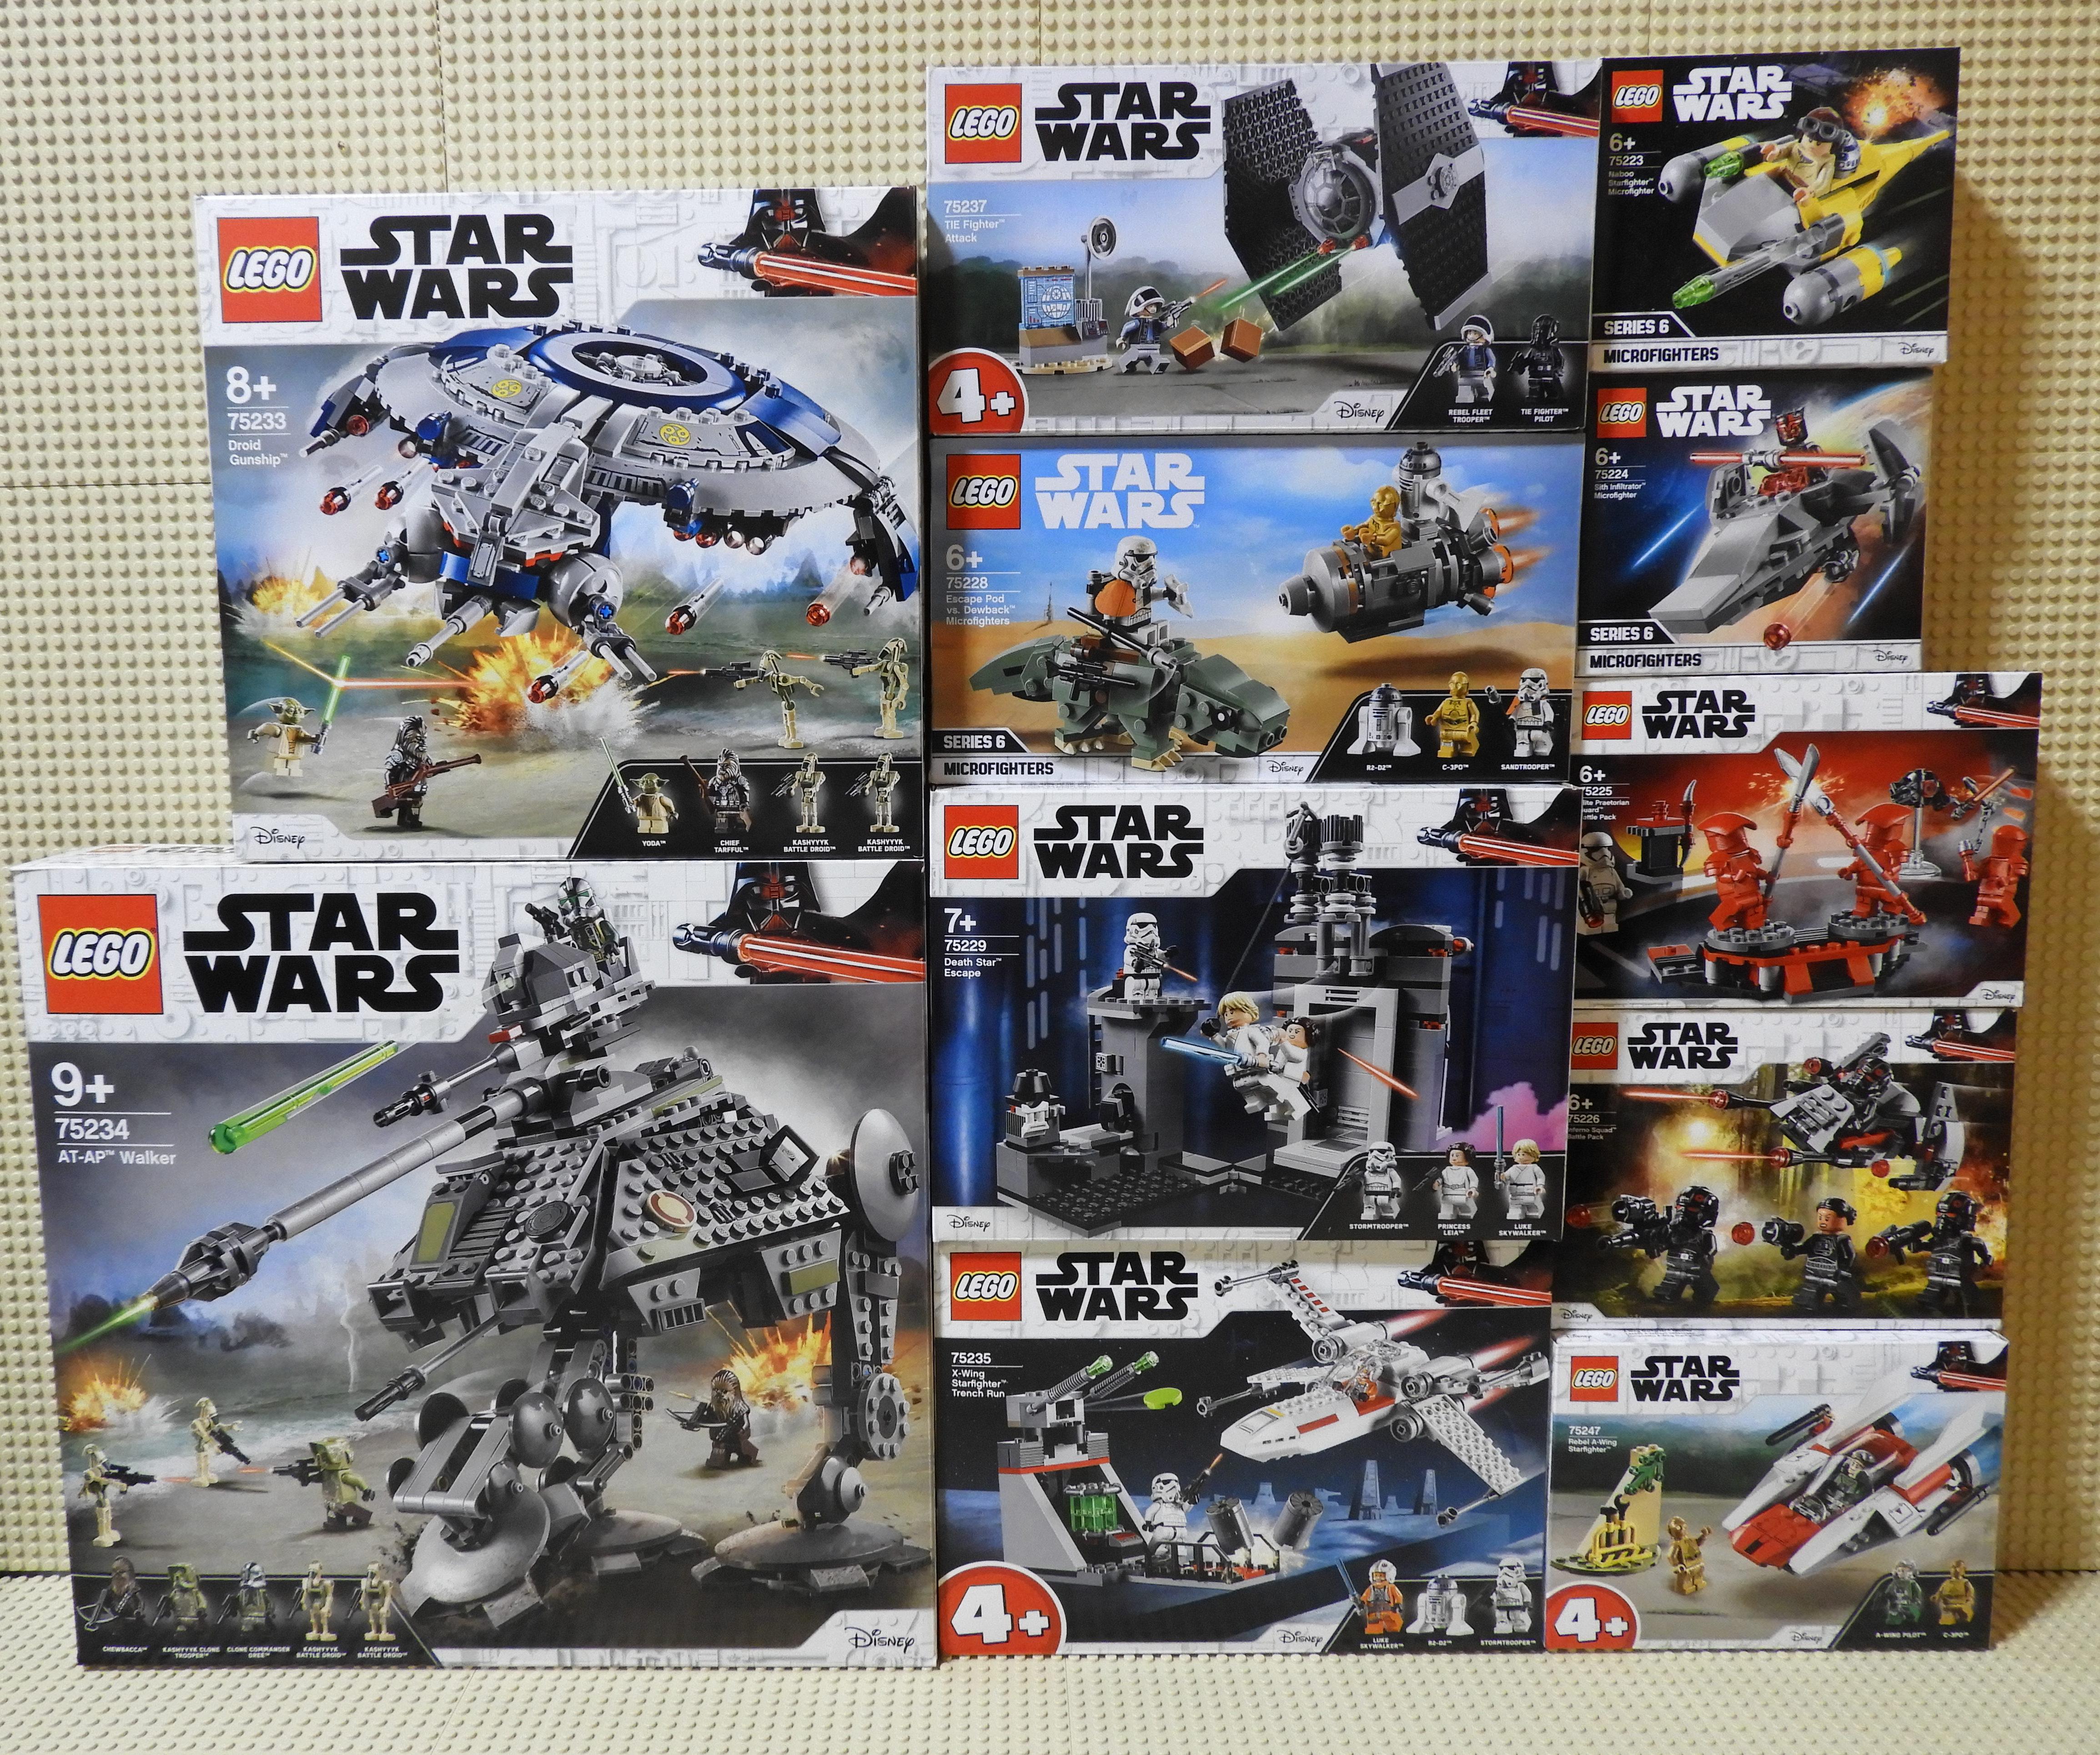 レゴ スター・ウォーズ 2019年1月18日発売 / LEGO STAR WARS on ...